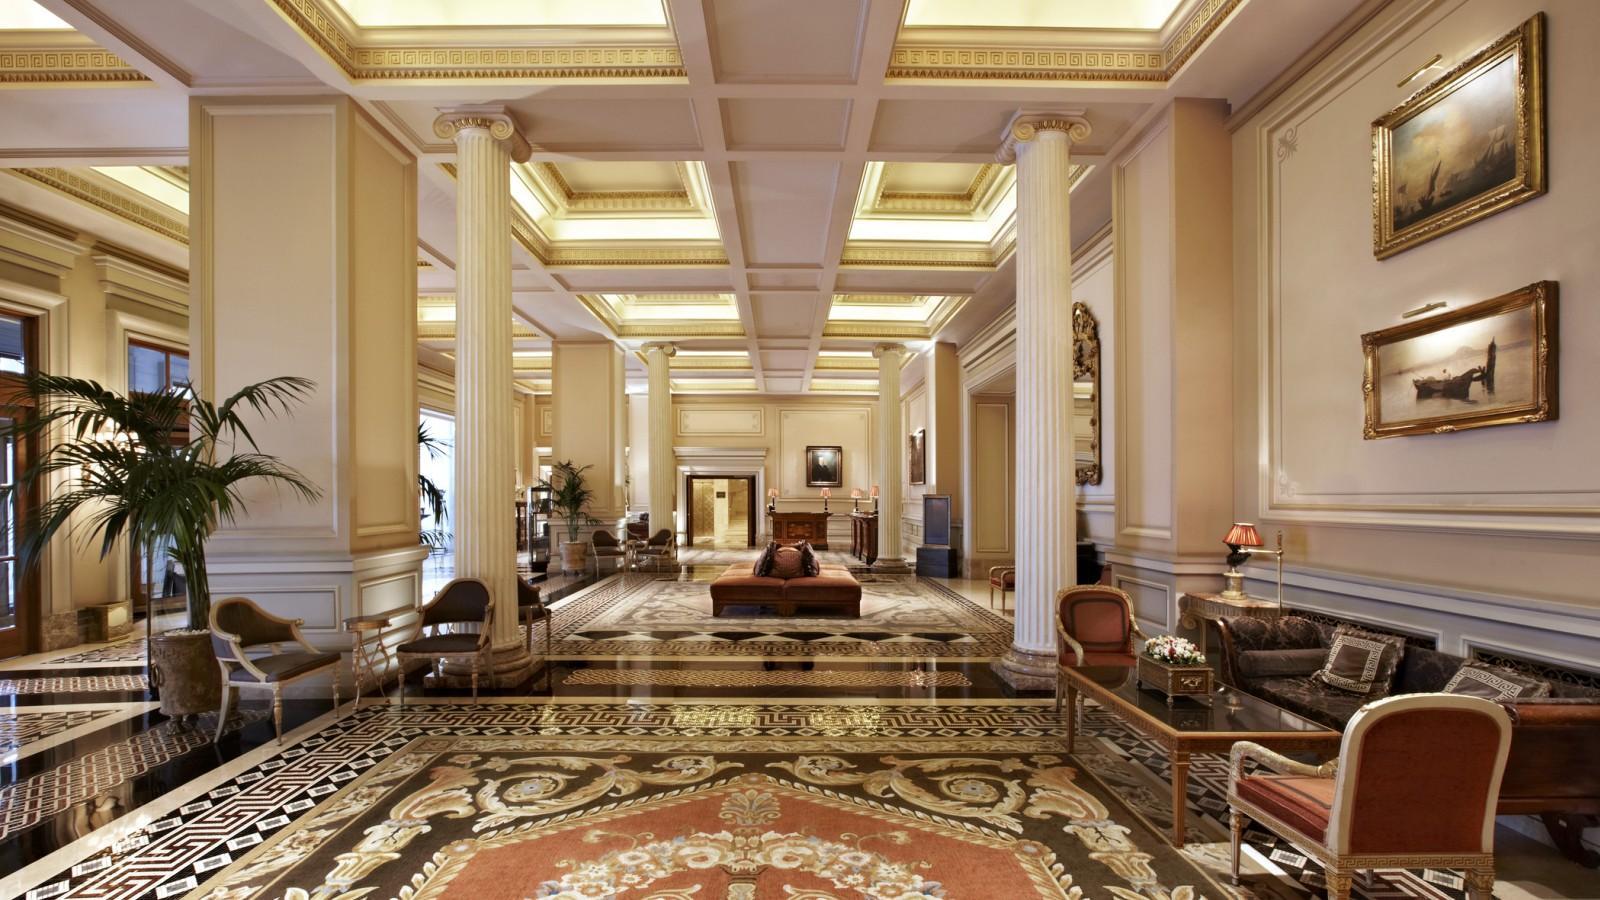 thiết kế khách sạn cổ điển cao cấp sang trọng nhất 2